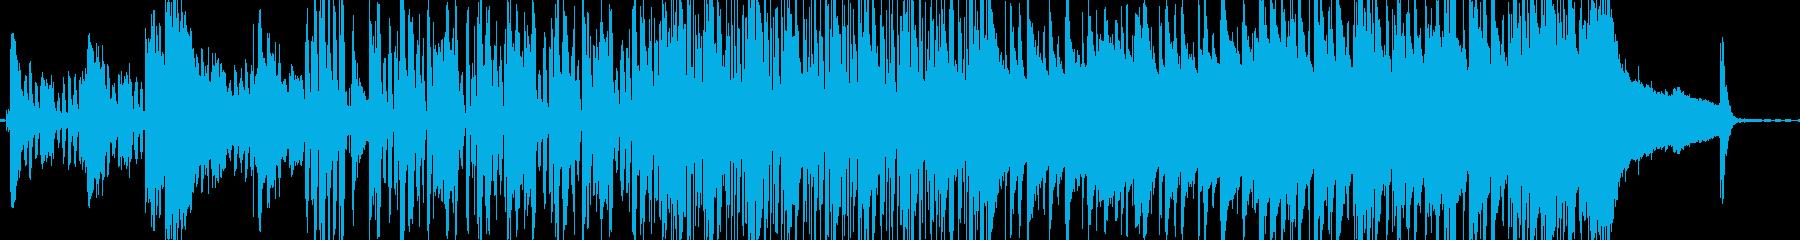 変拍子 プログレジャズ ピアノトリオの再生済みの波形